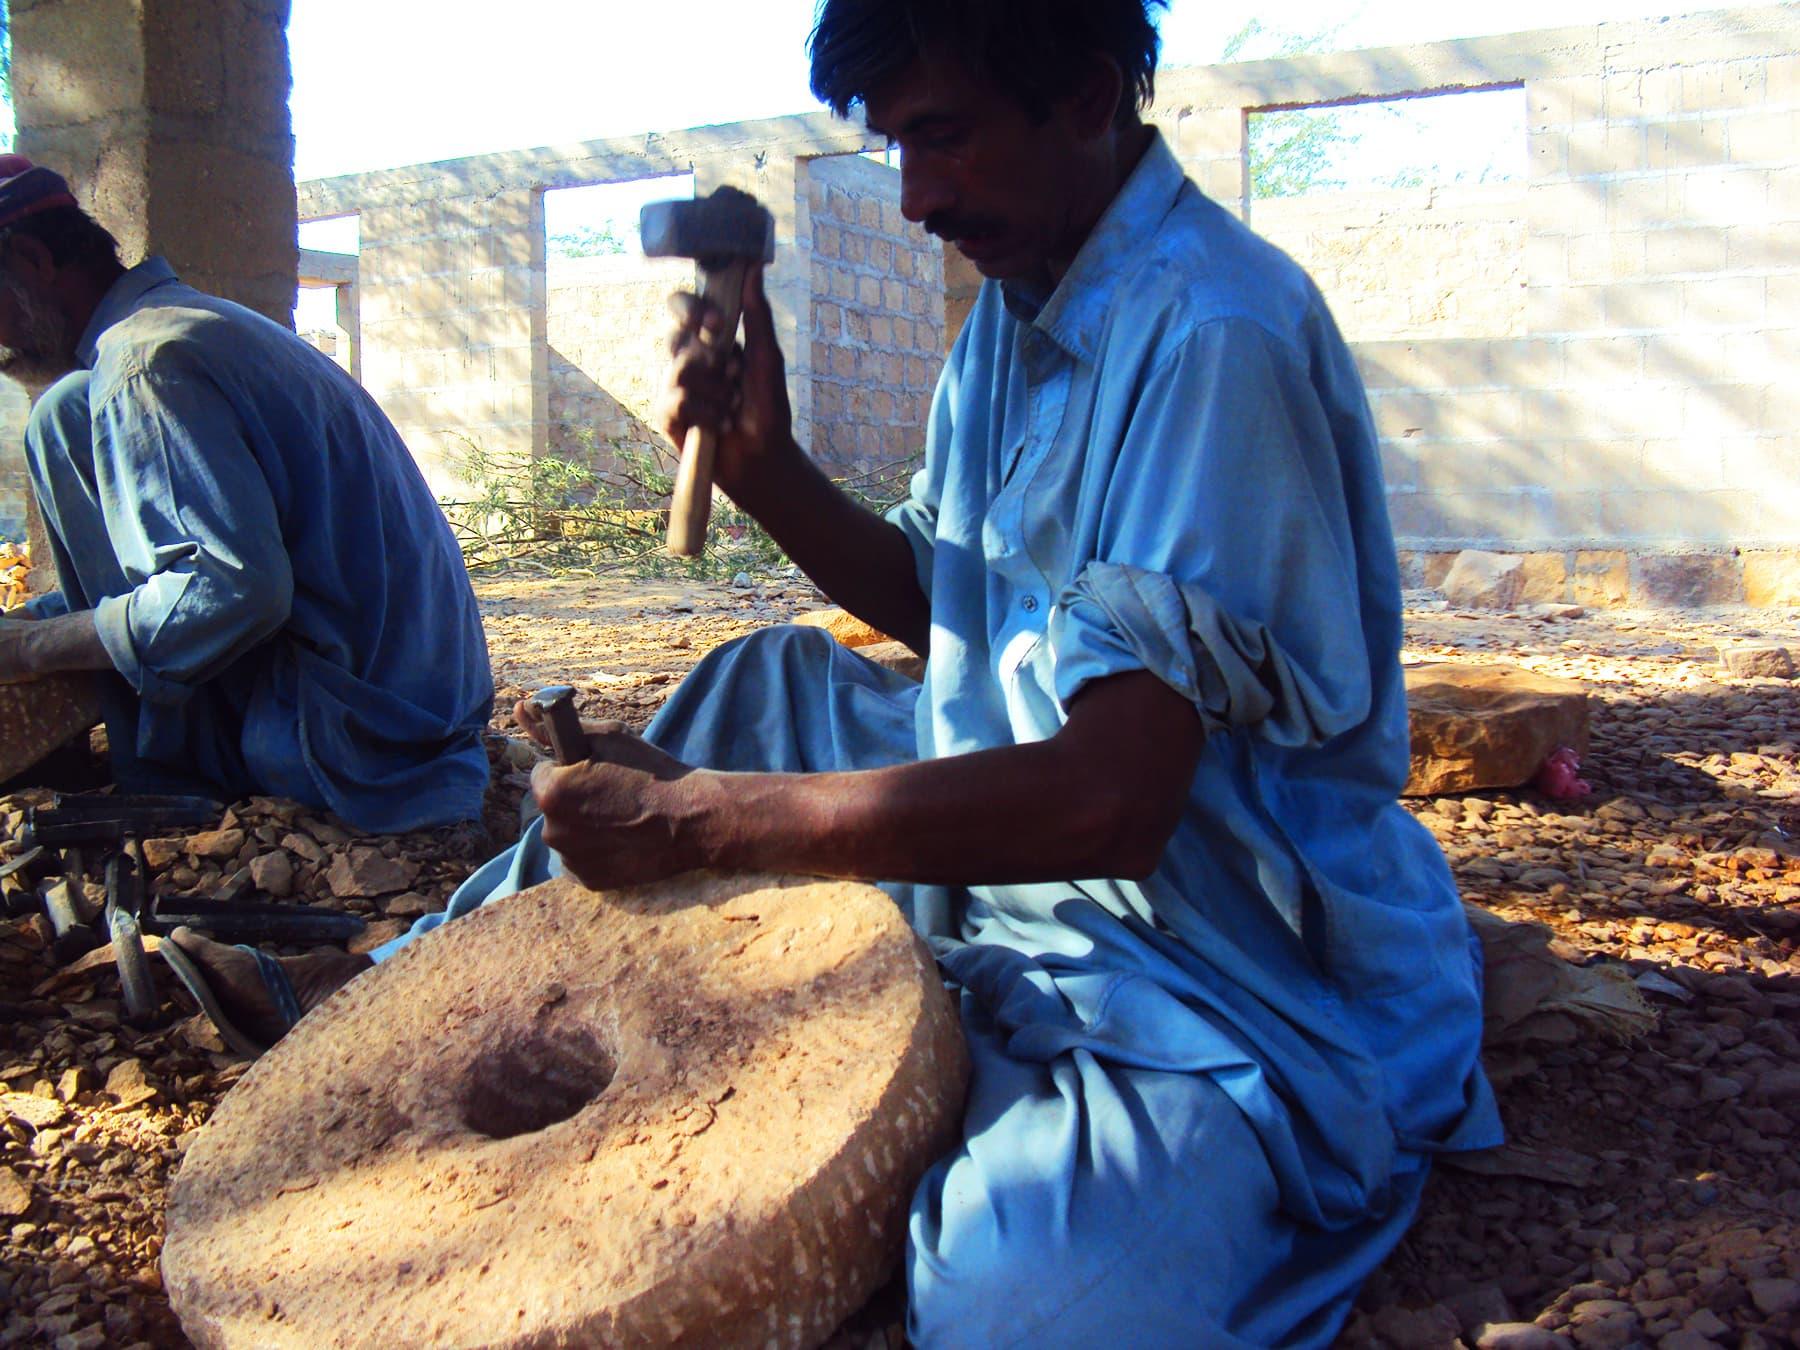 پھیپھڑوں کو خوراک کی صورت میں پروٹین ملنا چاہیے جو نہیں مل رہا بلکہ پھیپھڑوں کو نتھنوں کے ذریعے پتھر سے اُٹھتی ہوئی دھُول مل رہی ہے—تصویر ابوبکر شیخ